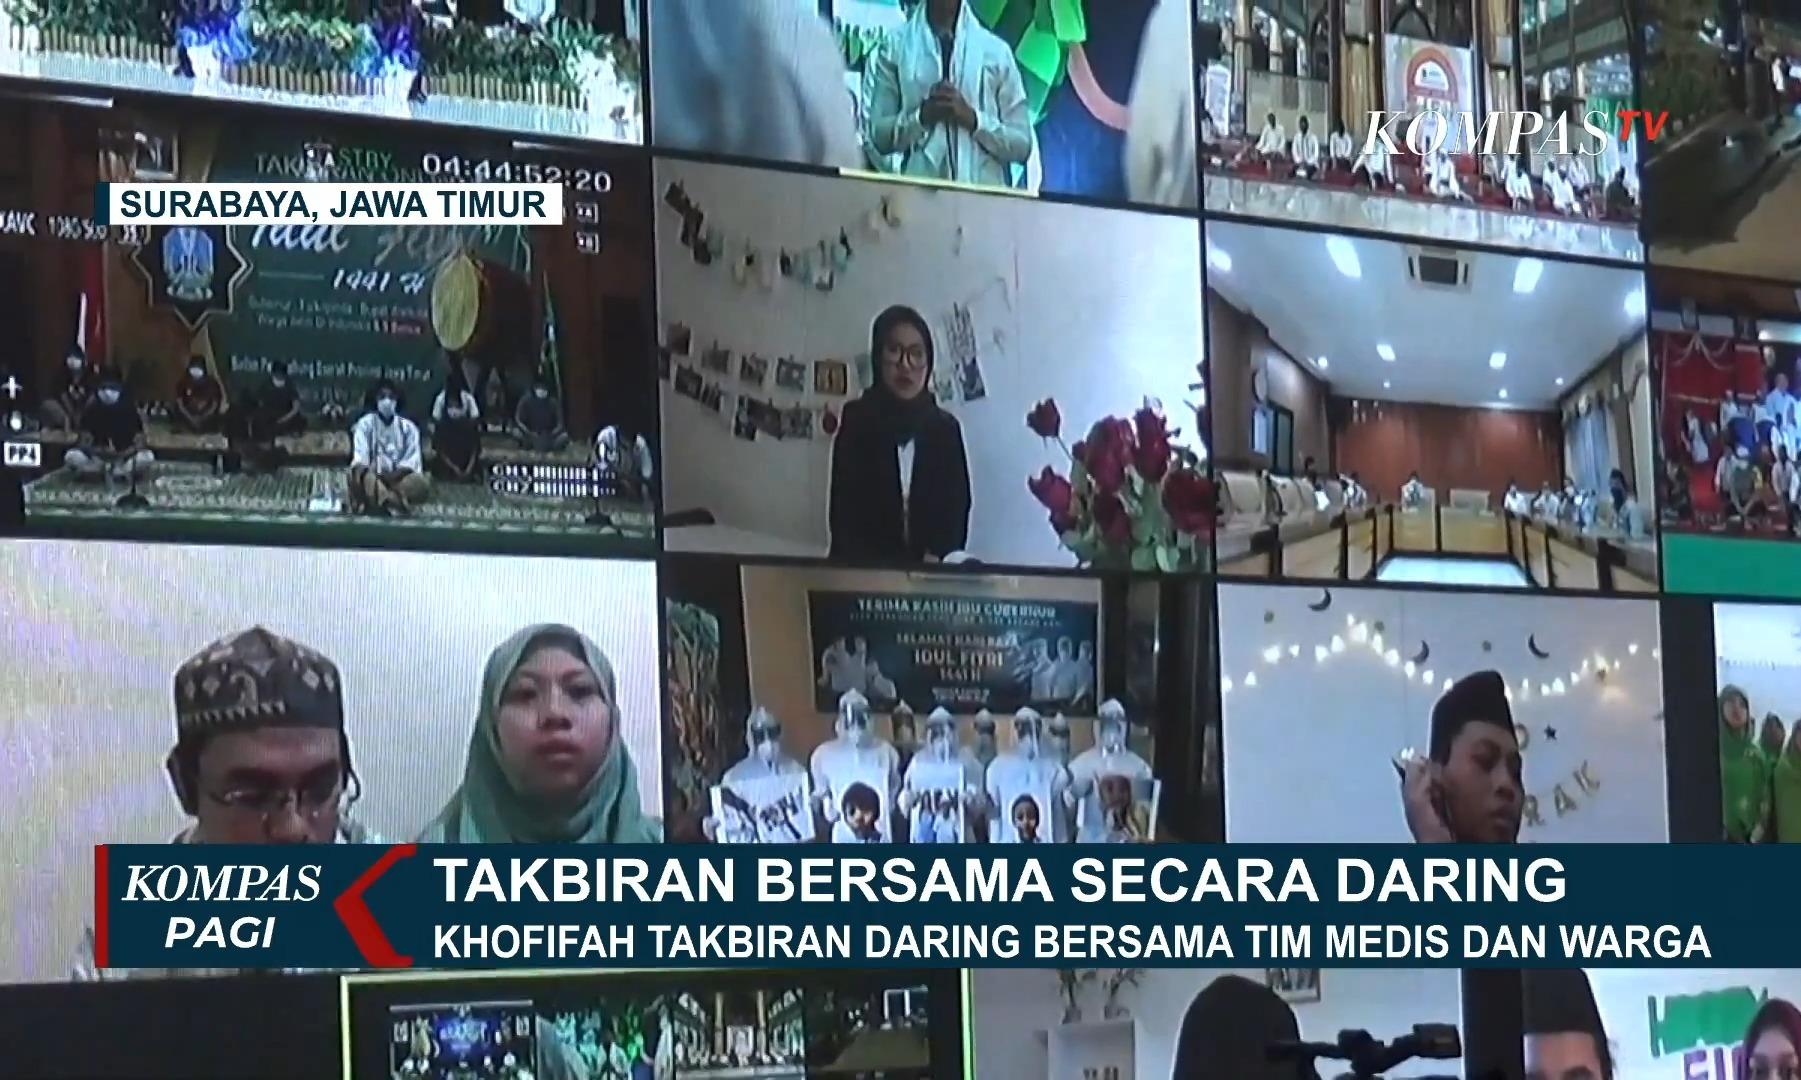 gubernur-khofifah-takbiran-online-bareng-warga-dan-tim-medis